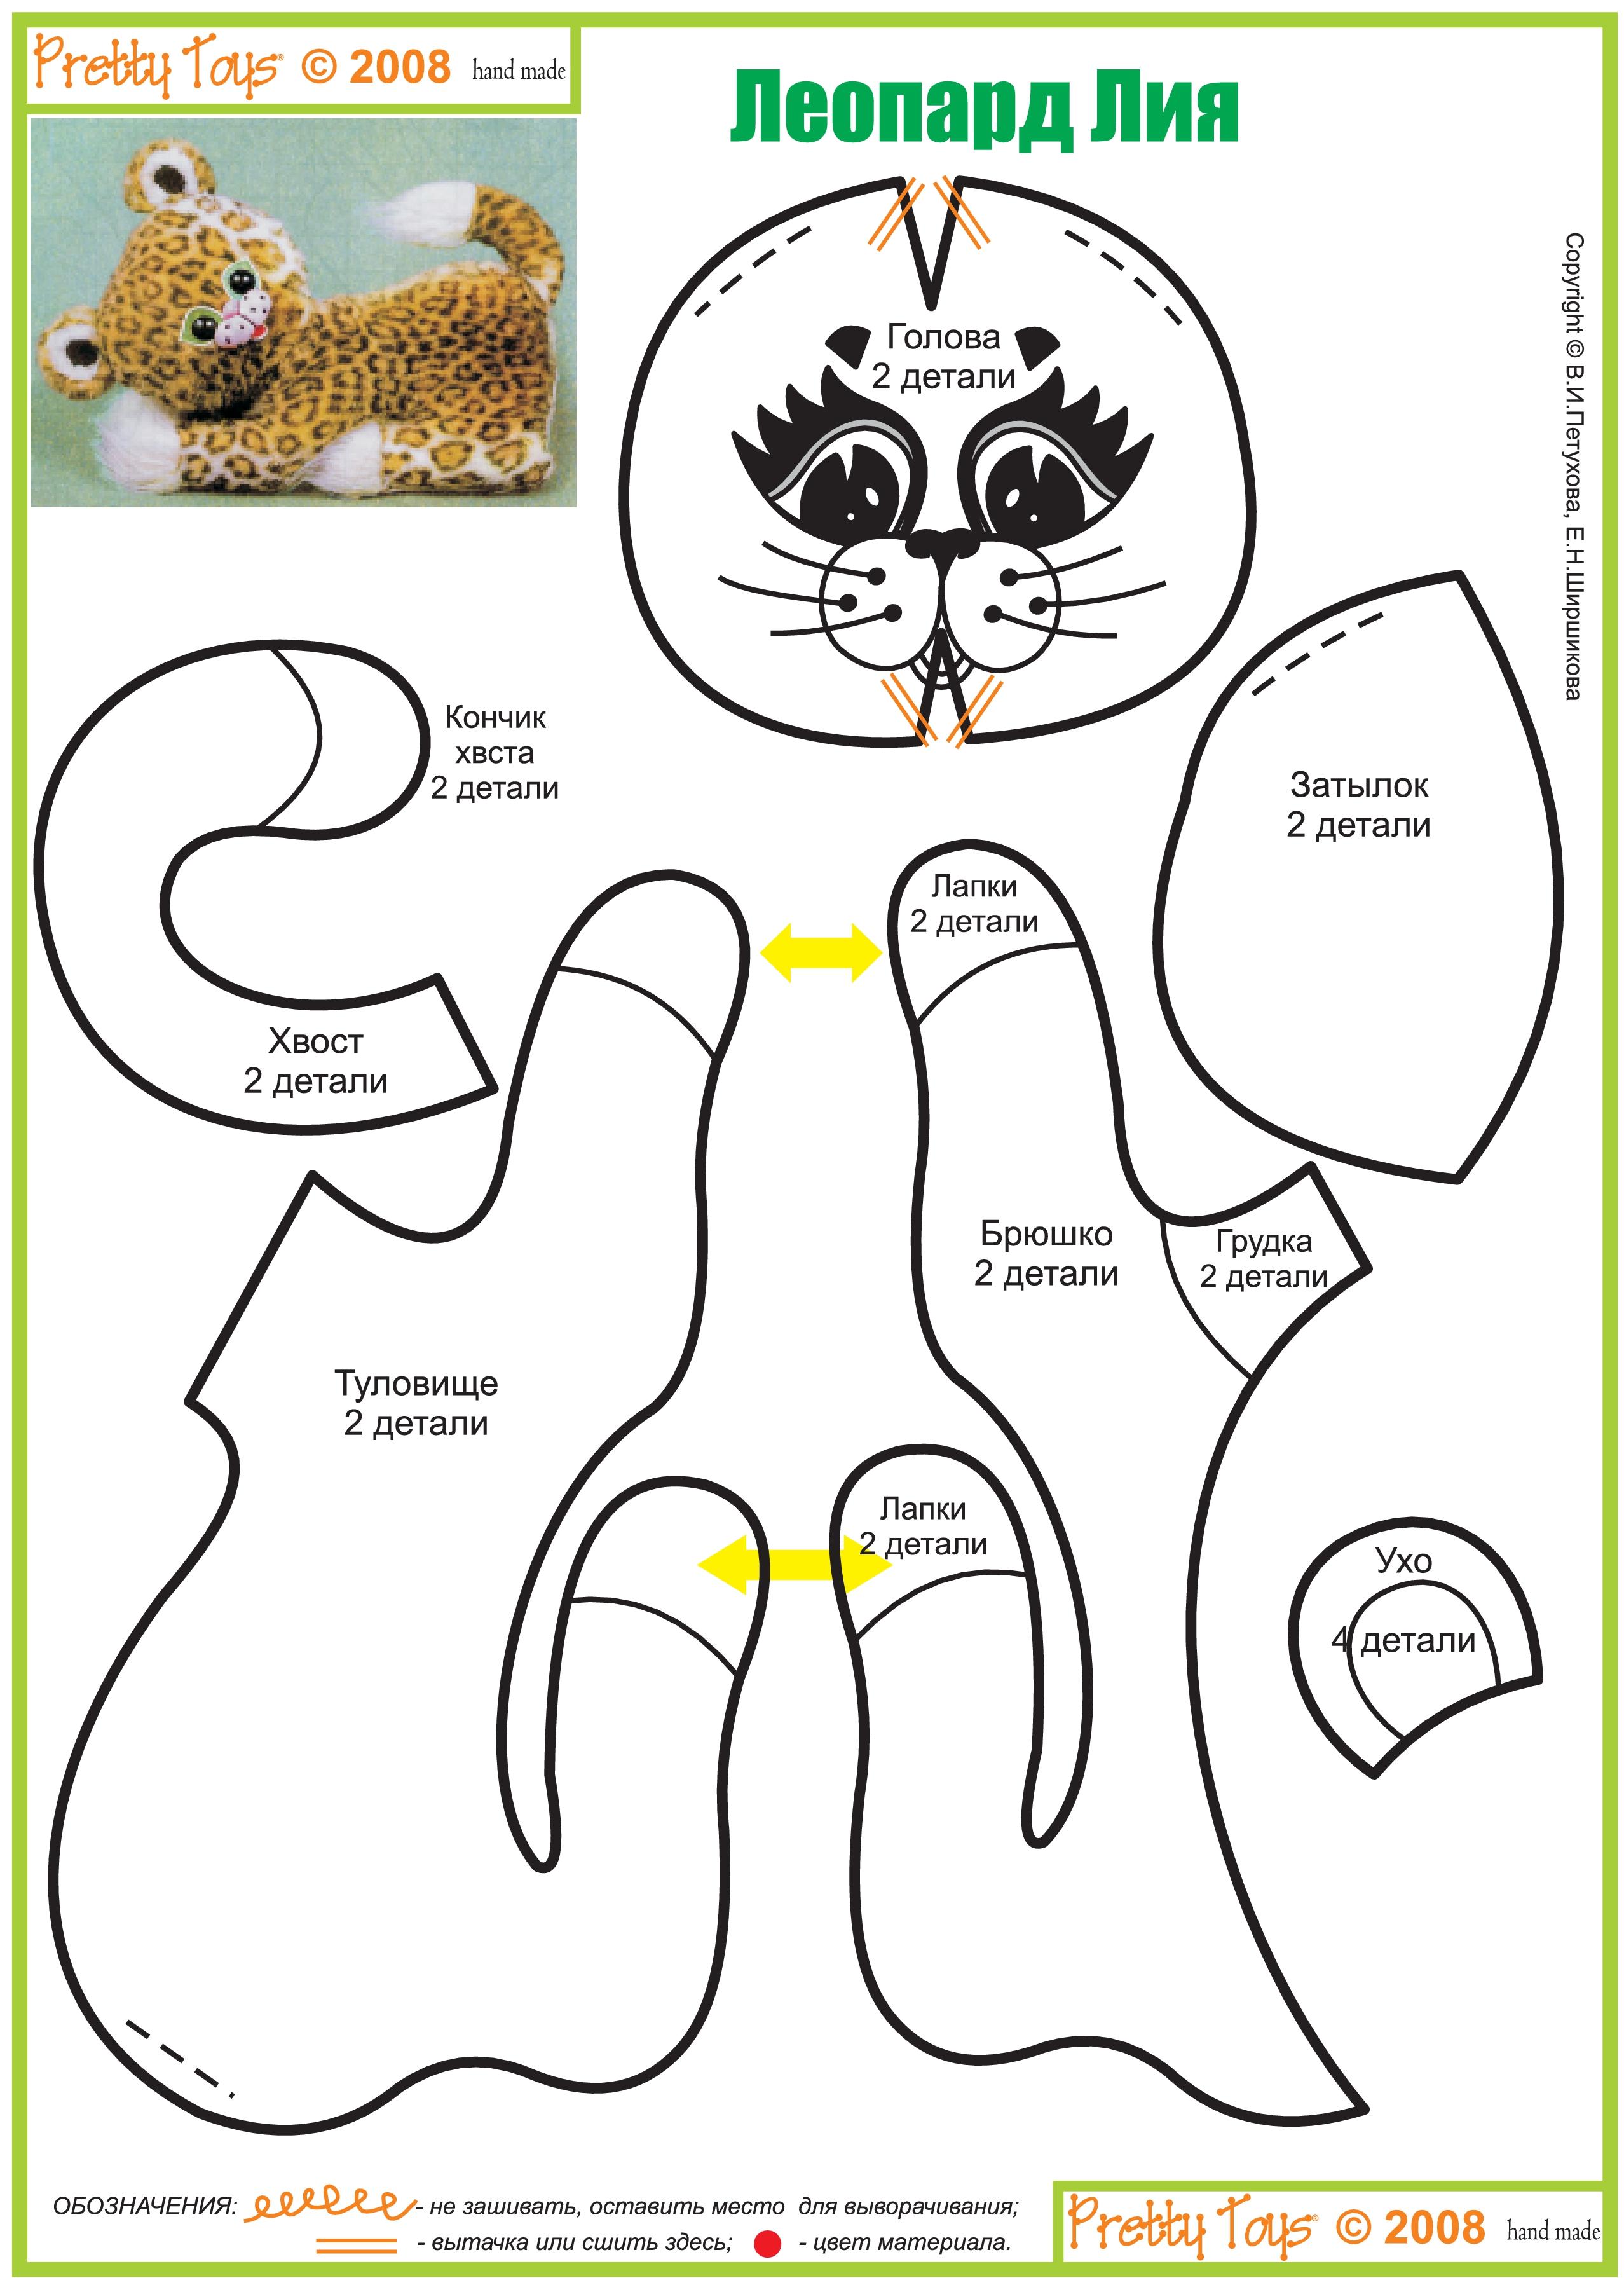 Мягкая игрушка своими руками выкройки леопард